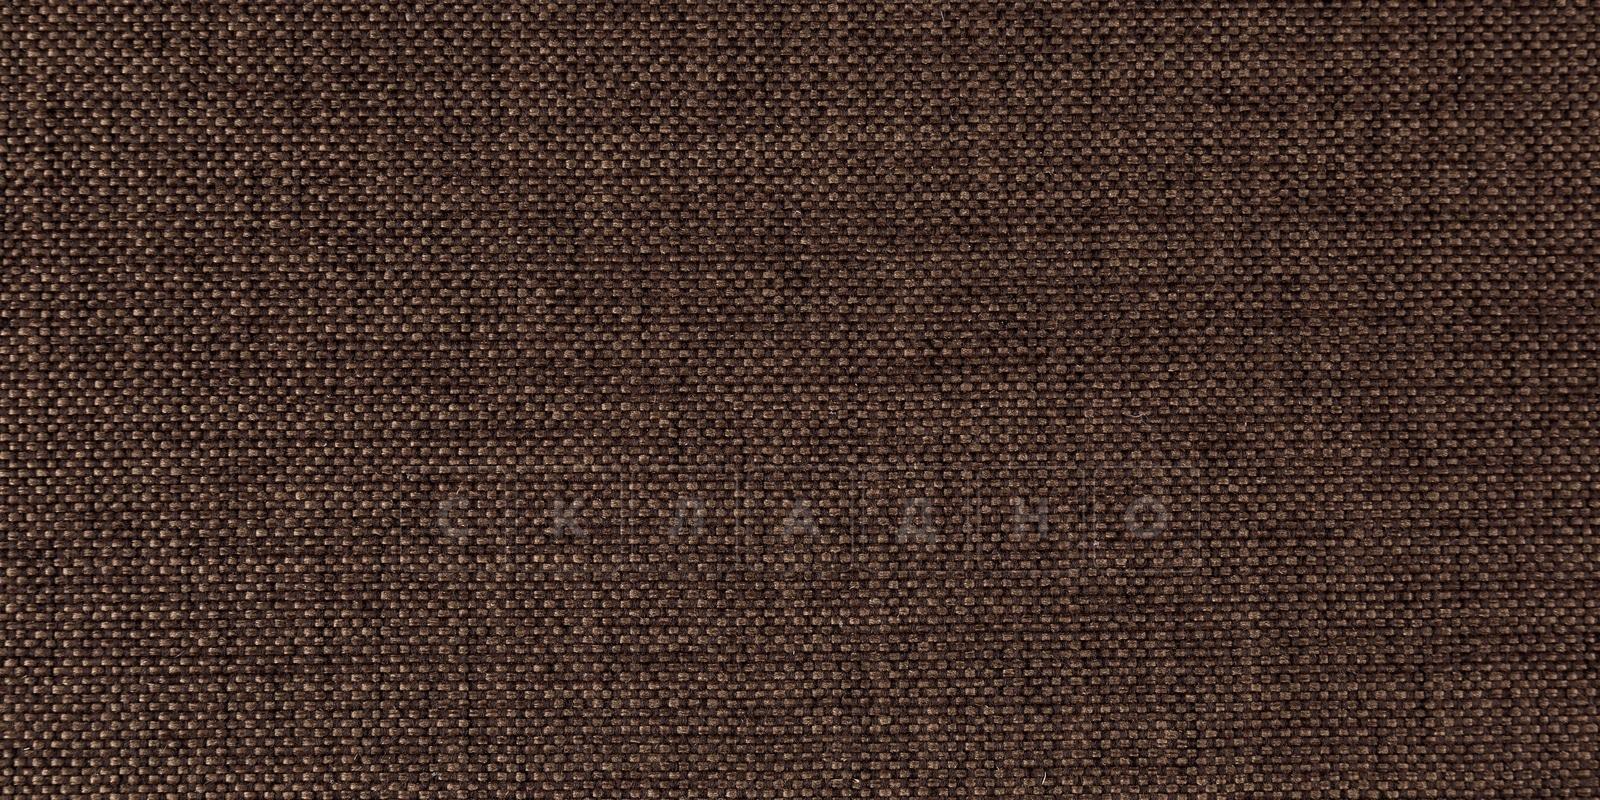 Диван Парма коричневый с бежевым рогожка фото 5   интернет-магазин Складно